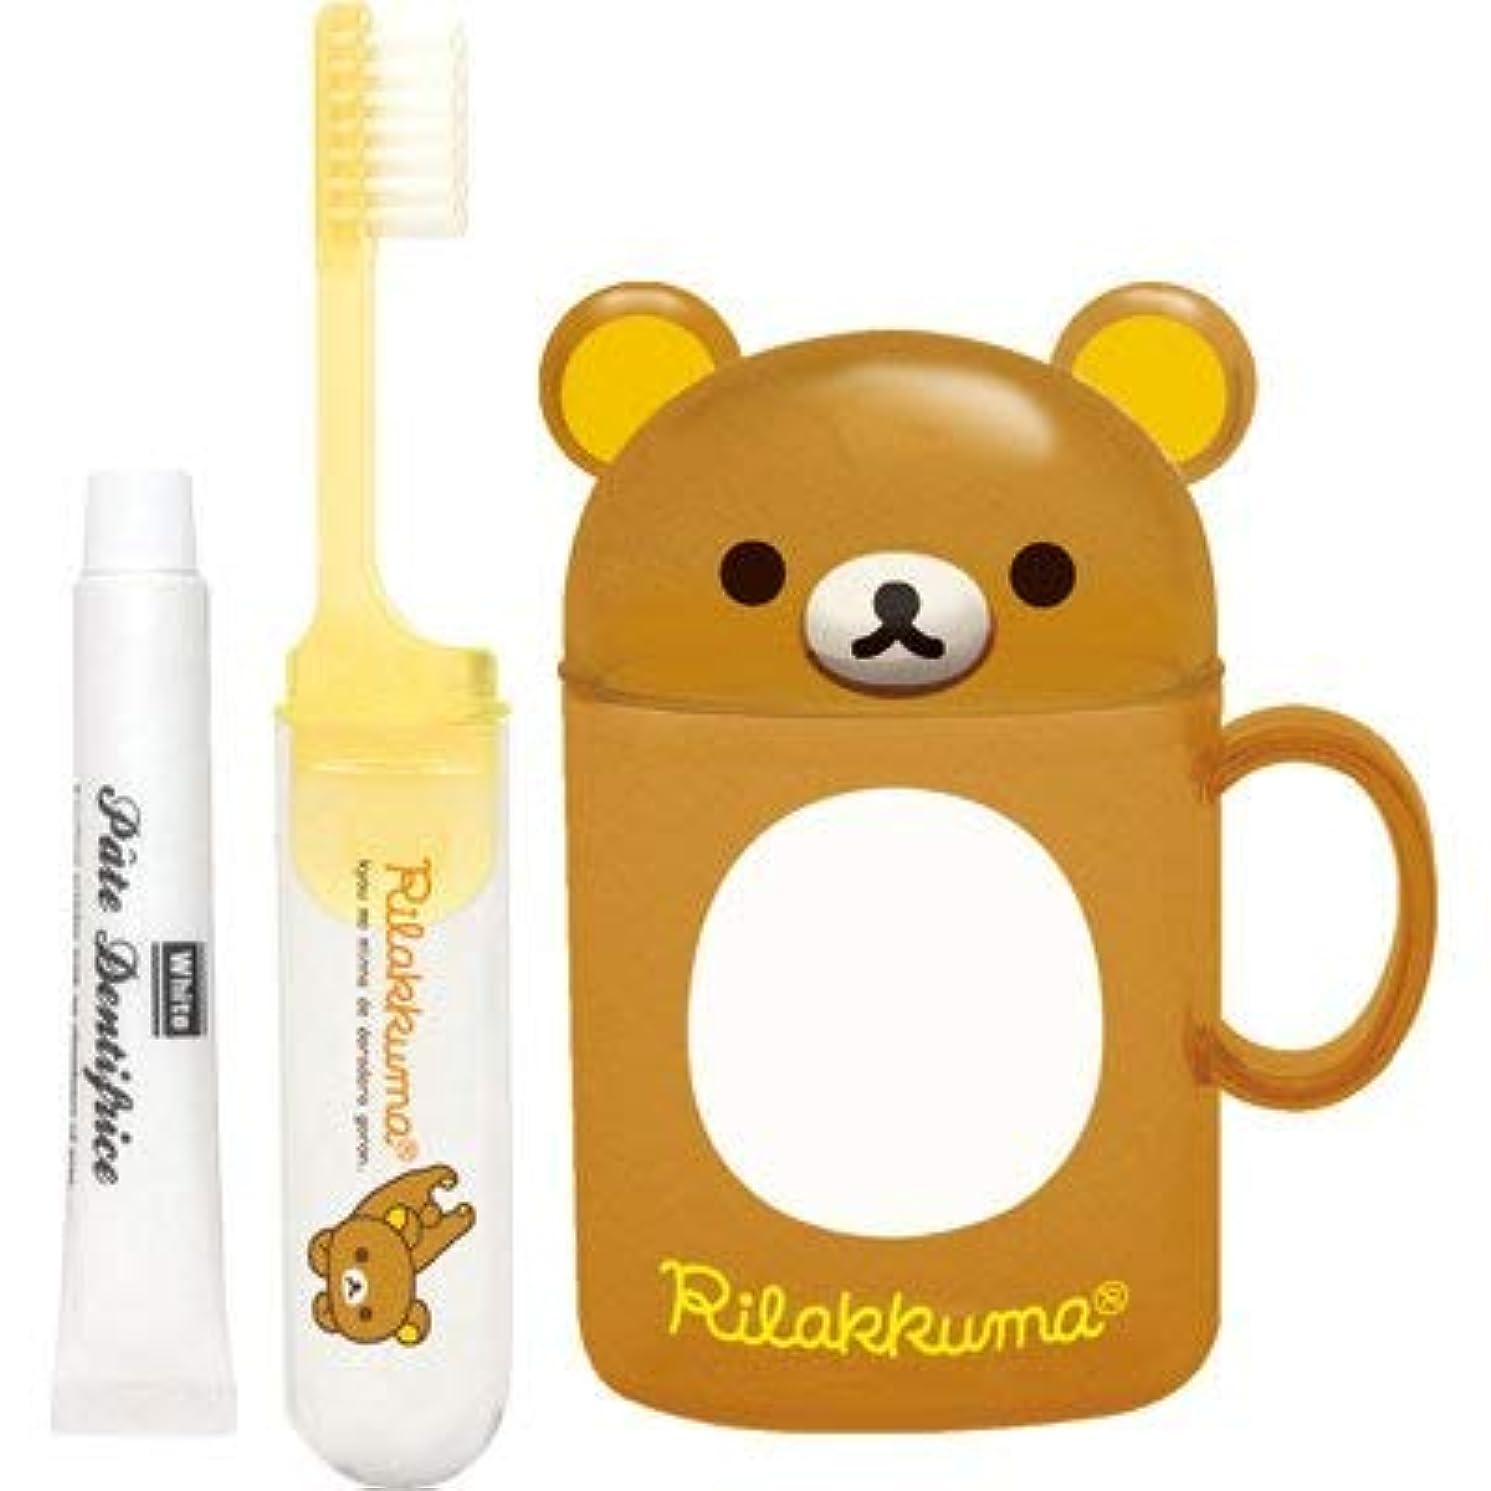 土忌避剤夕暮れリラックマ 歯ブラシセット リラックマ FE03101